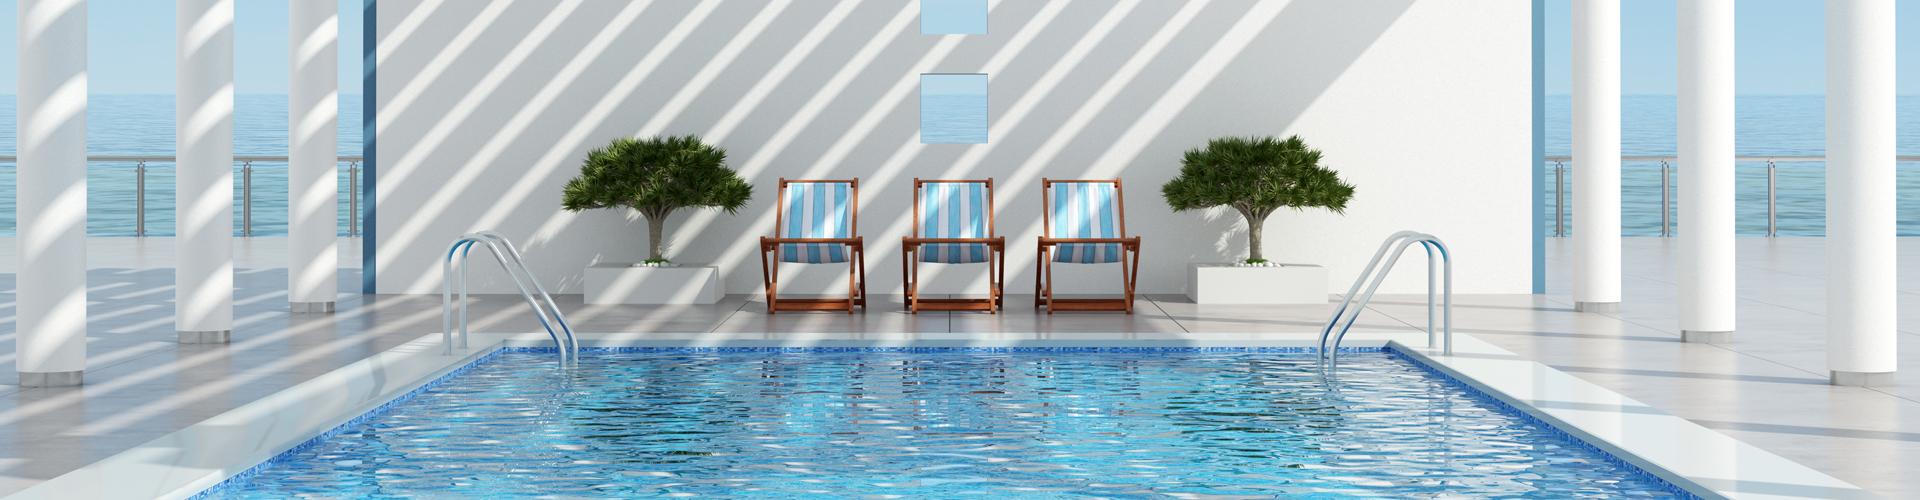 Bei Deco Bau Mallorca profitieren Sie von der jahrelangen Erfahrung unseres Unternehmens in den unterschiedlichsten Bereichen der Baubranche